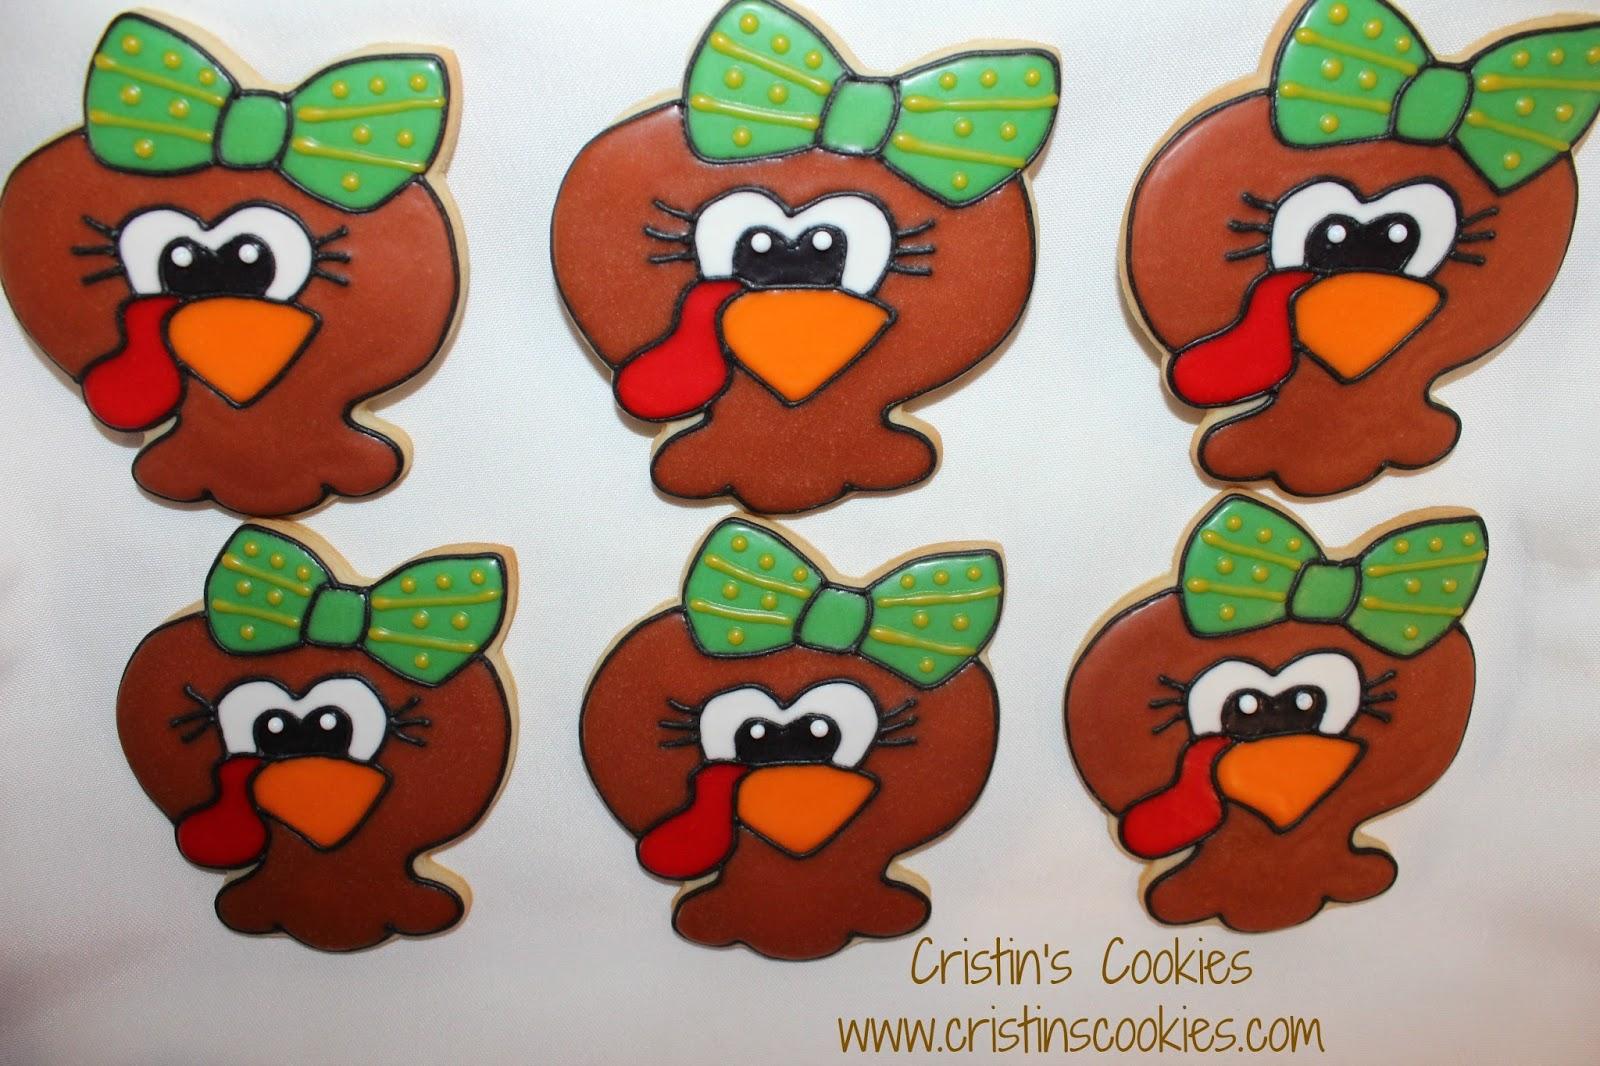 cristin u0027s cookies gobble til you wobble